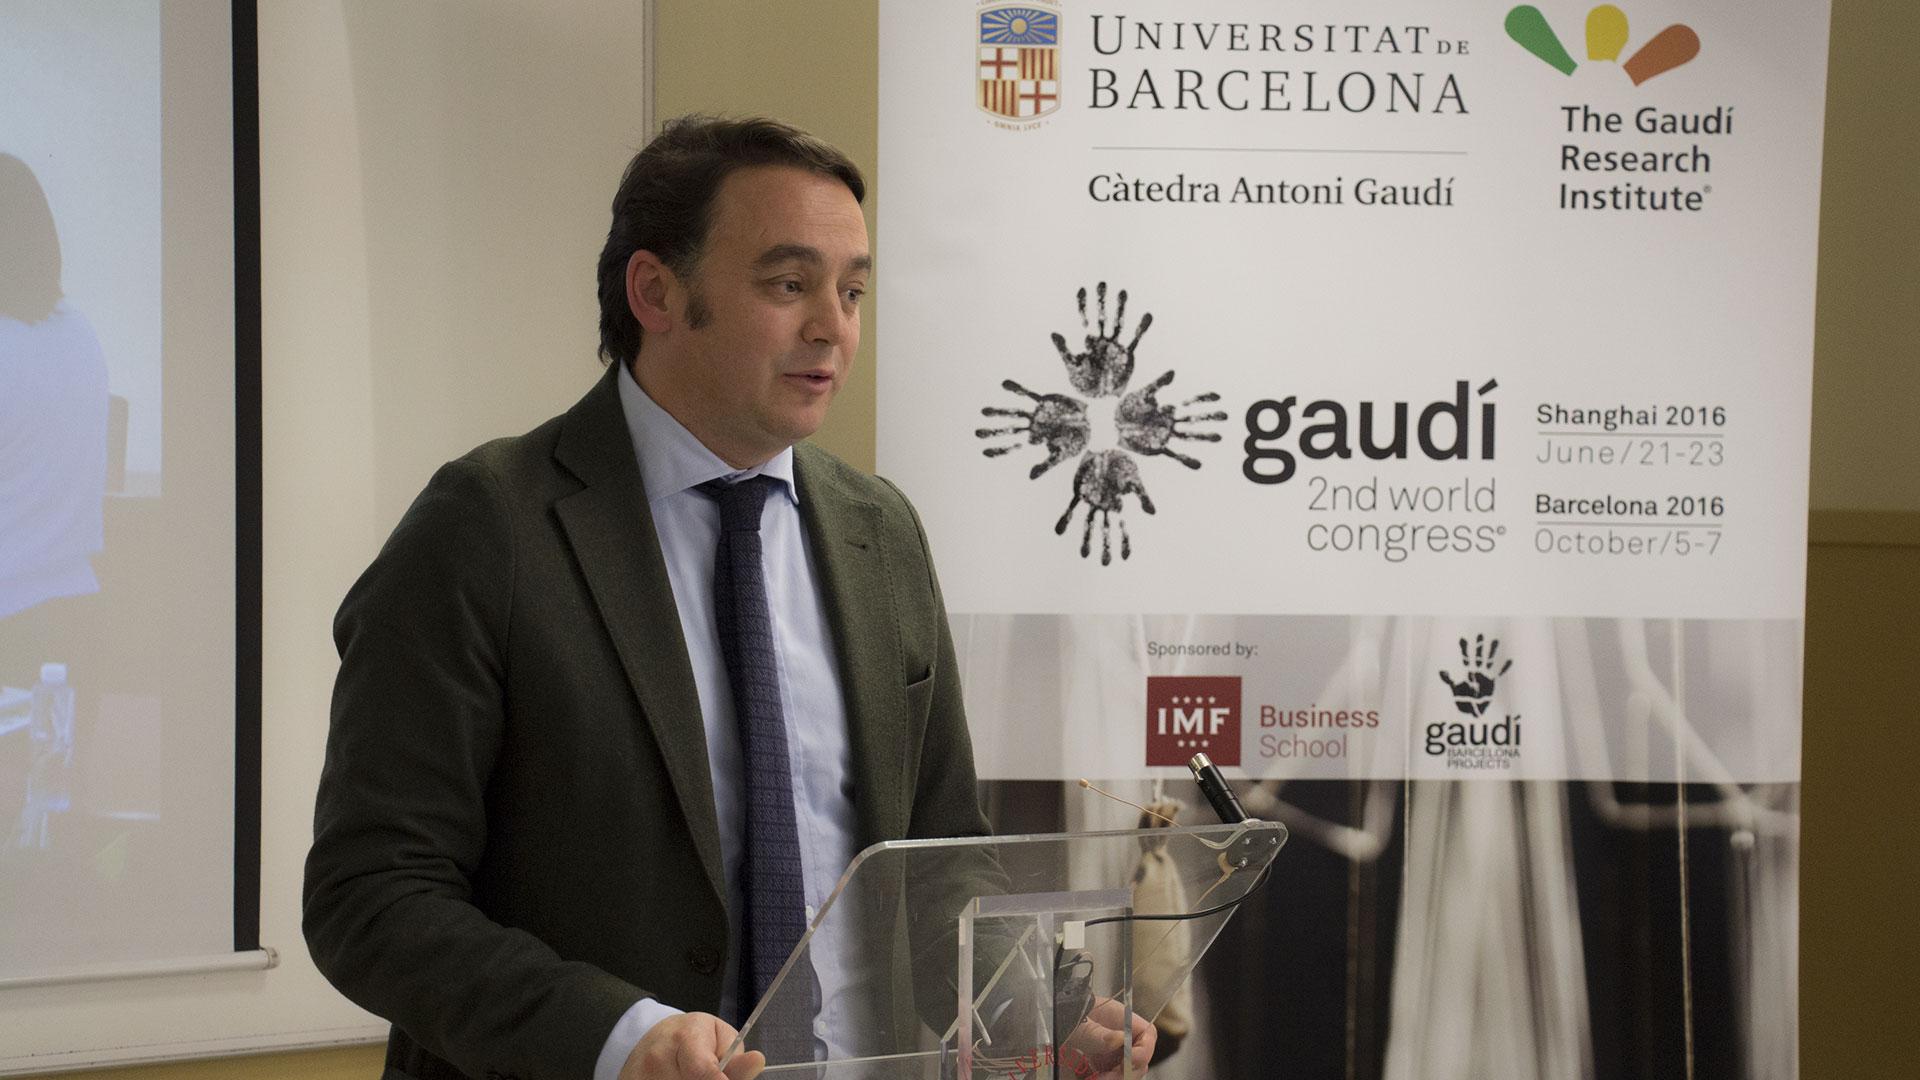 carlos-martinez-patrocinio-catedra-gaudi IMF Business School presenta su patrocinio a la Cátedra Gaudí